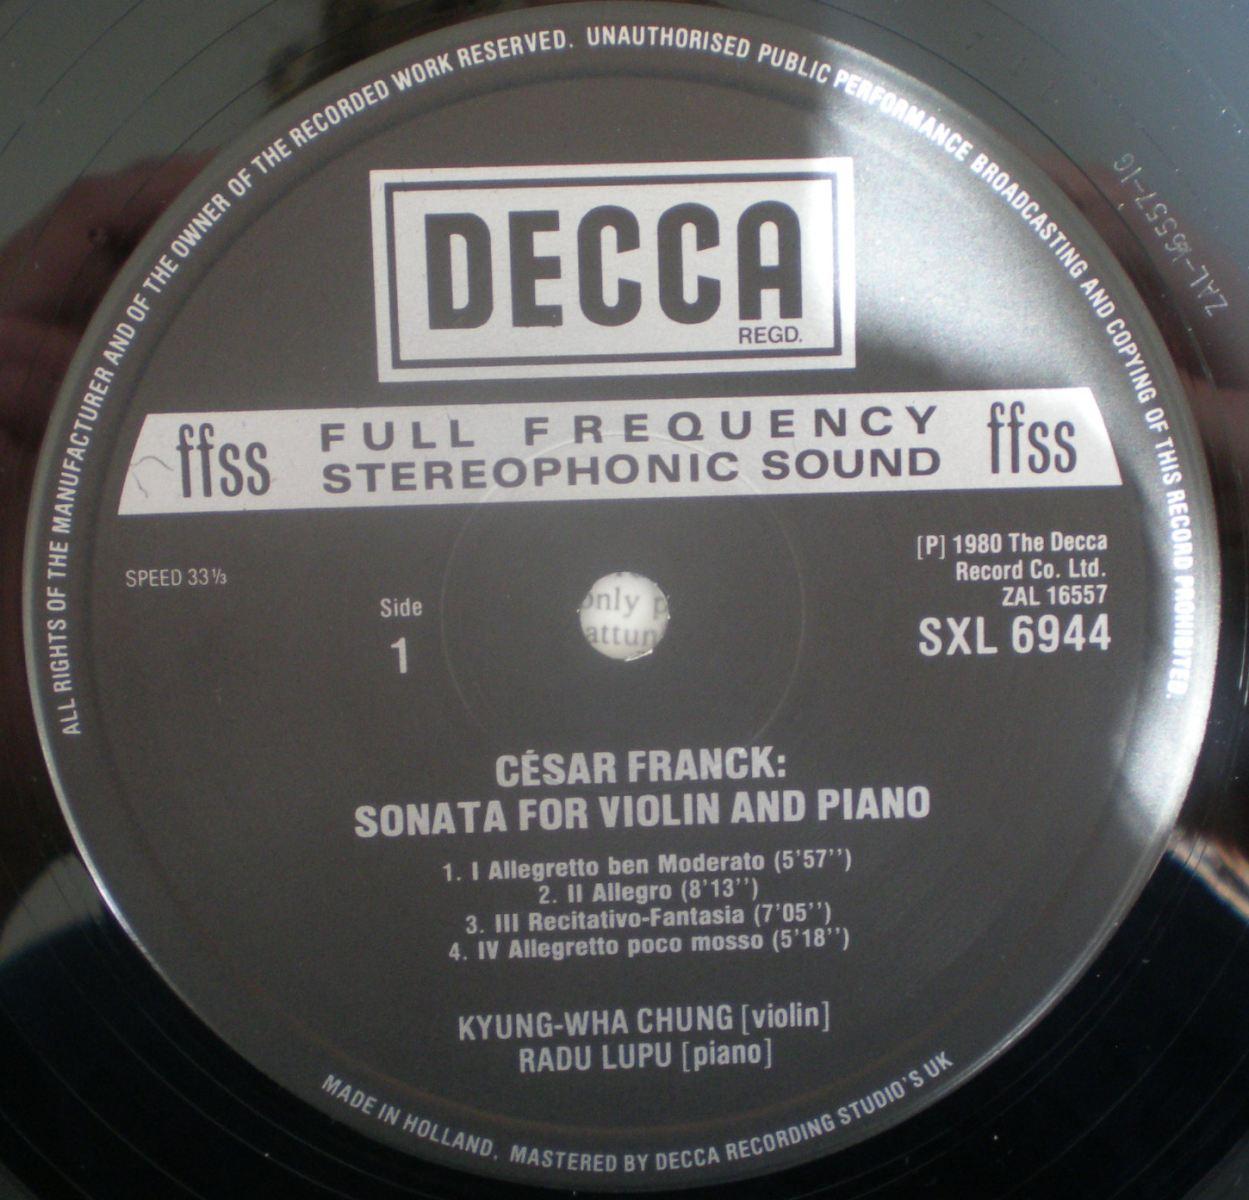 Decca Decca Records Decca Label The Decca Record Label